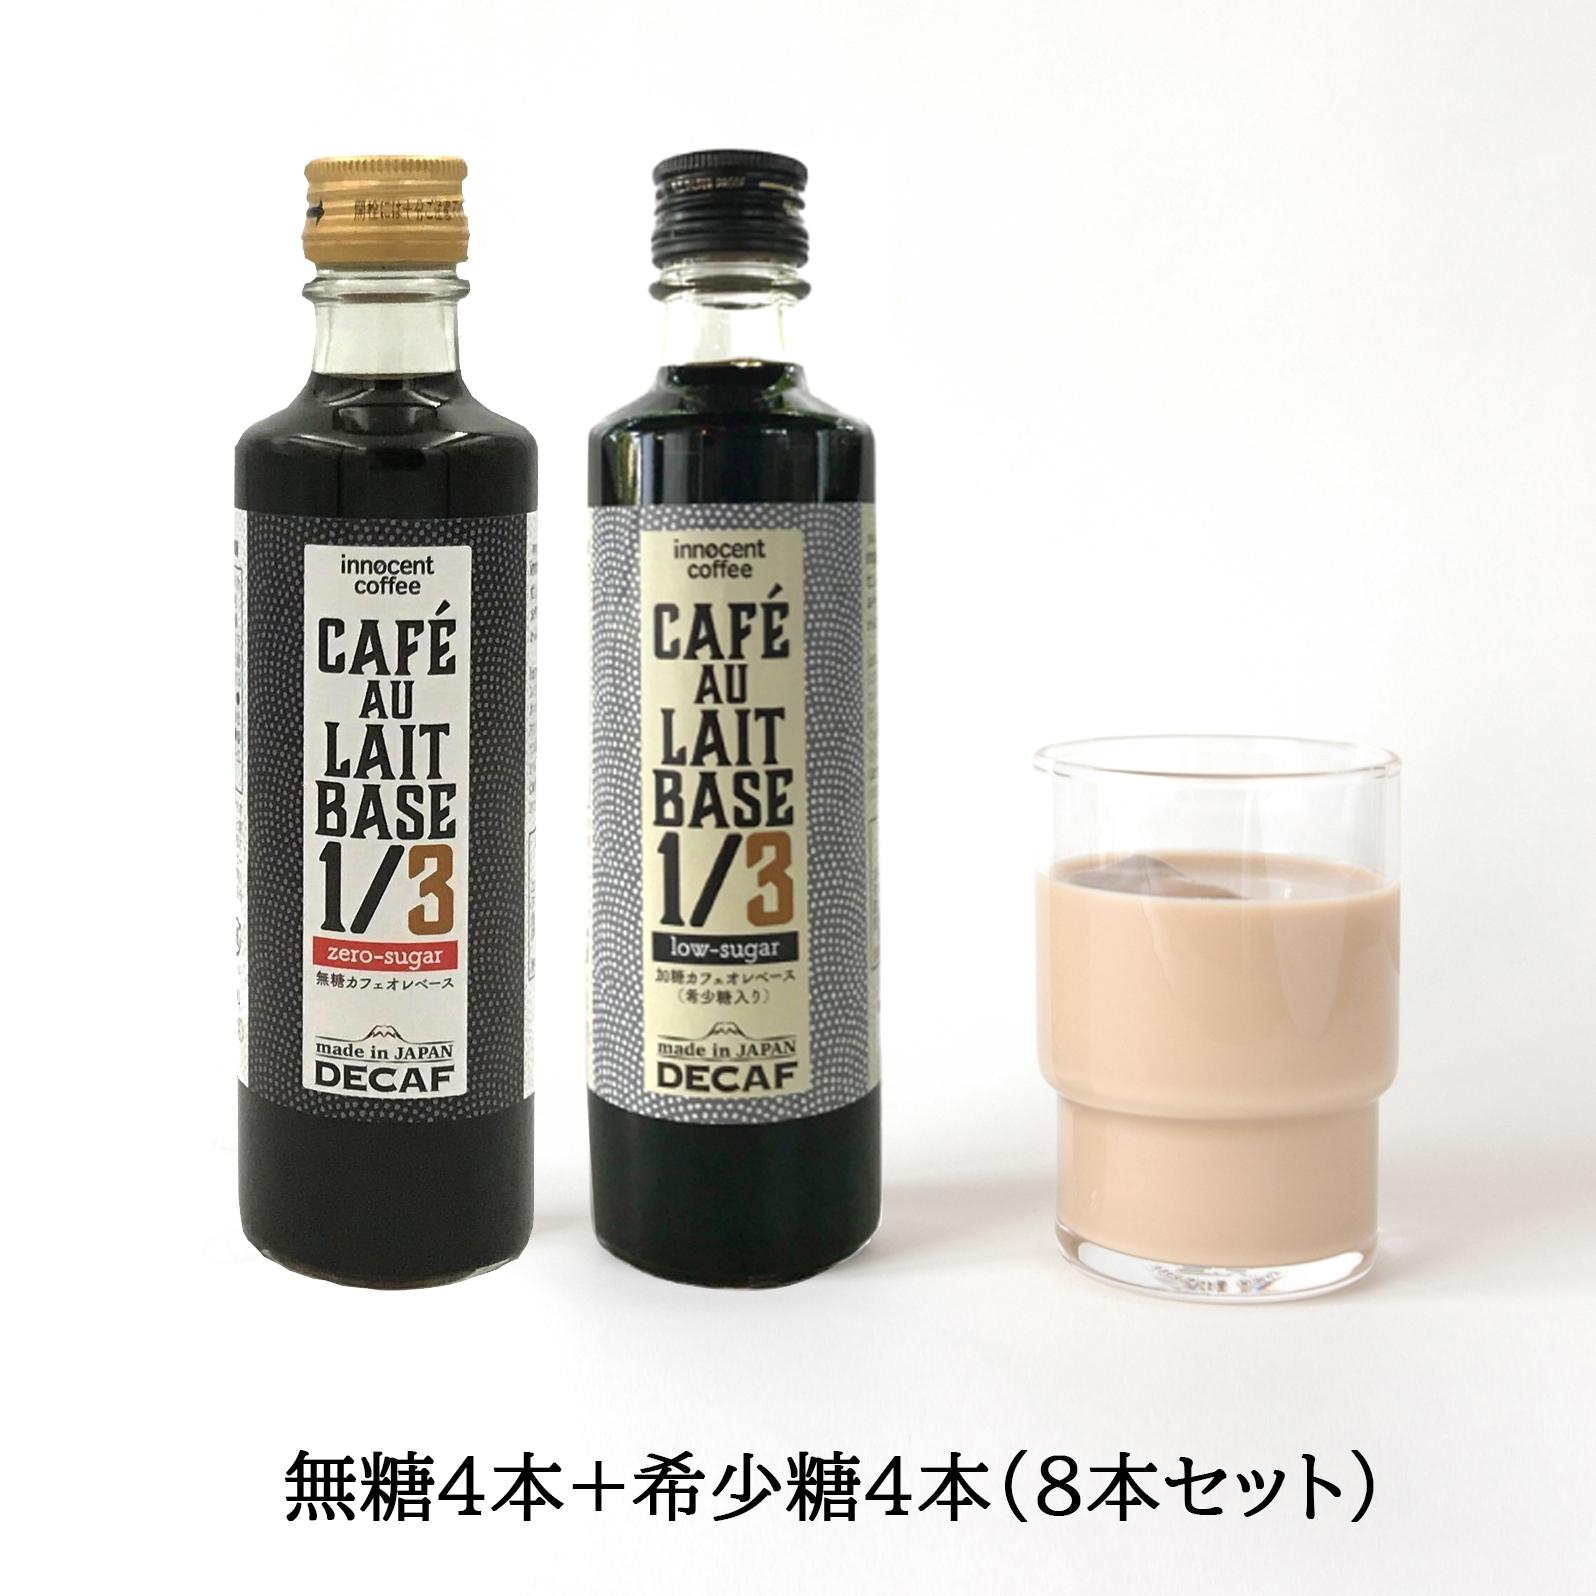 イノセントコーヒー デカフェカフェオレベース